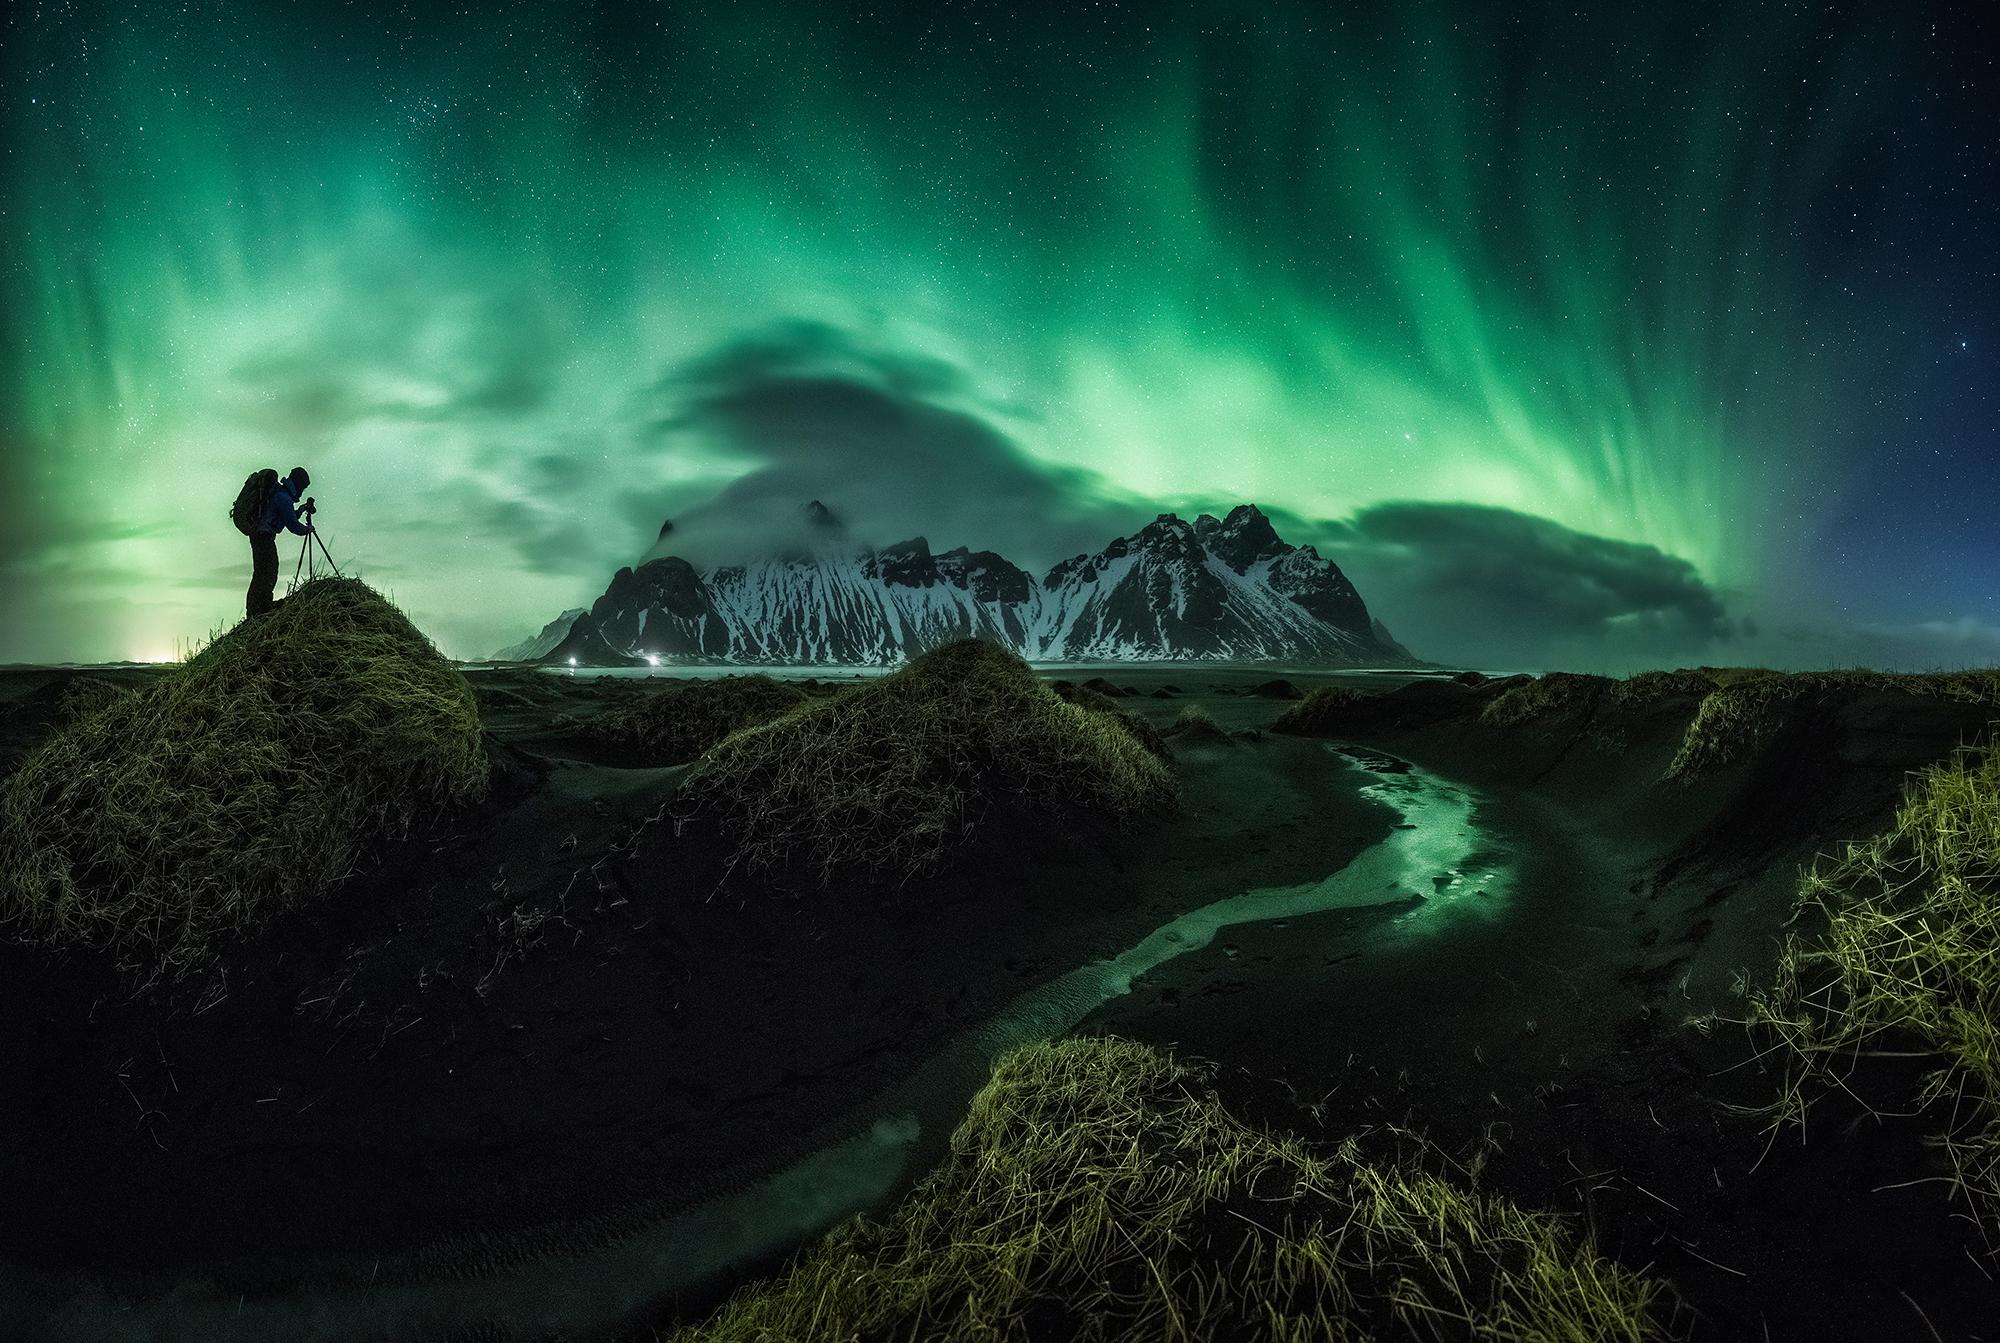 11-дневный зимний мастер-класс по ландшафтной фотографии в Исландии - day 5